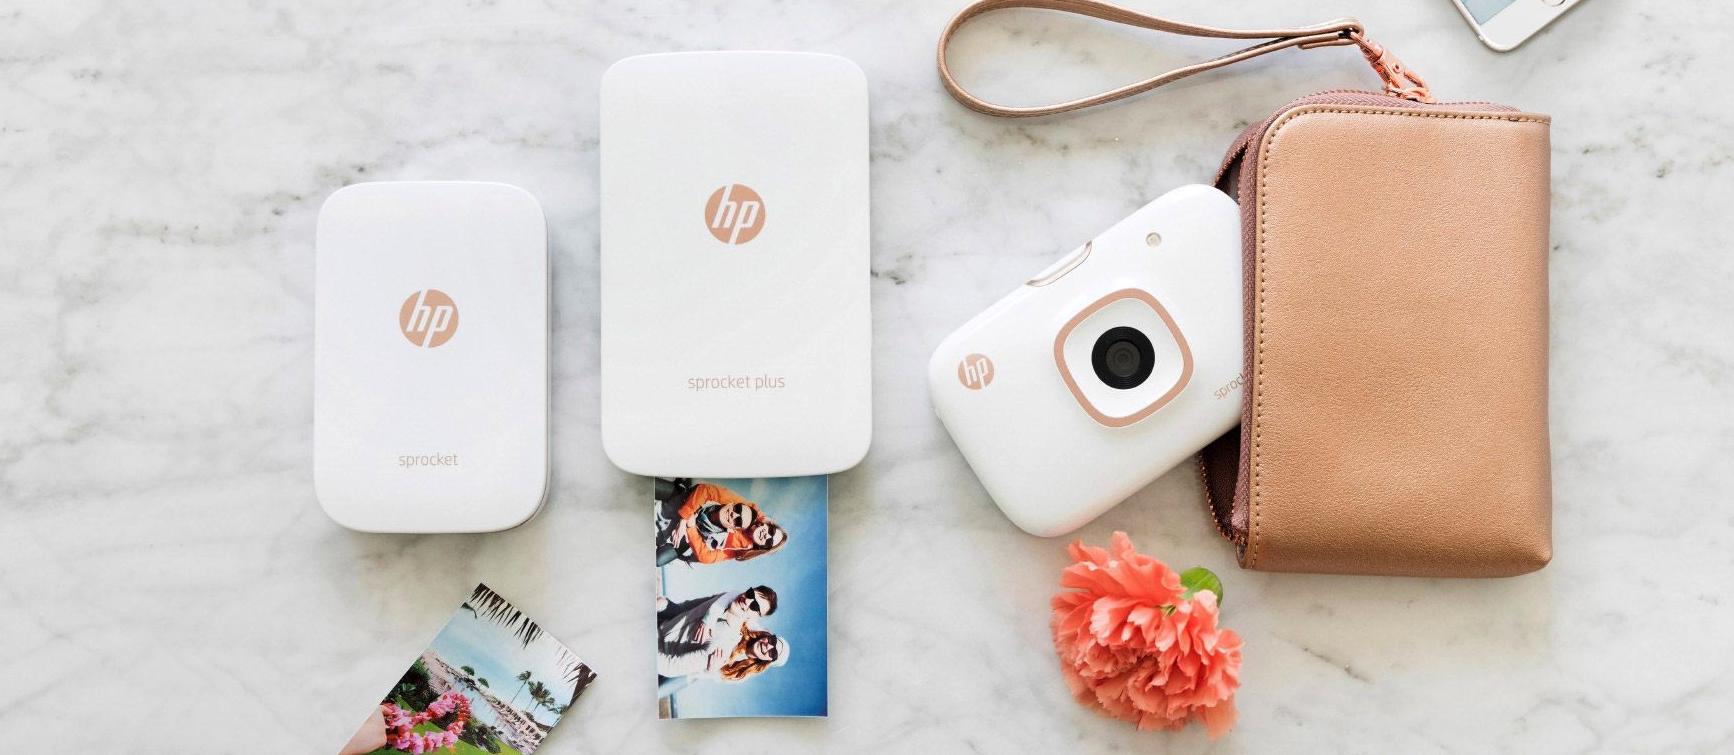 HP показала нове покоління кишенькових принтерів, які друкують фото без чорнил